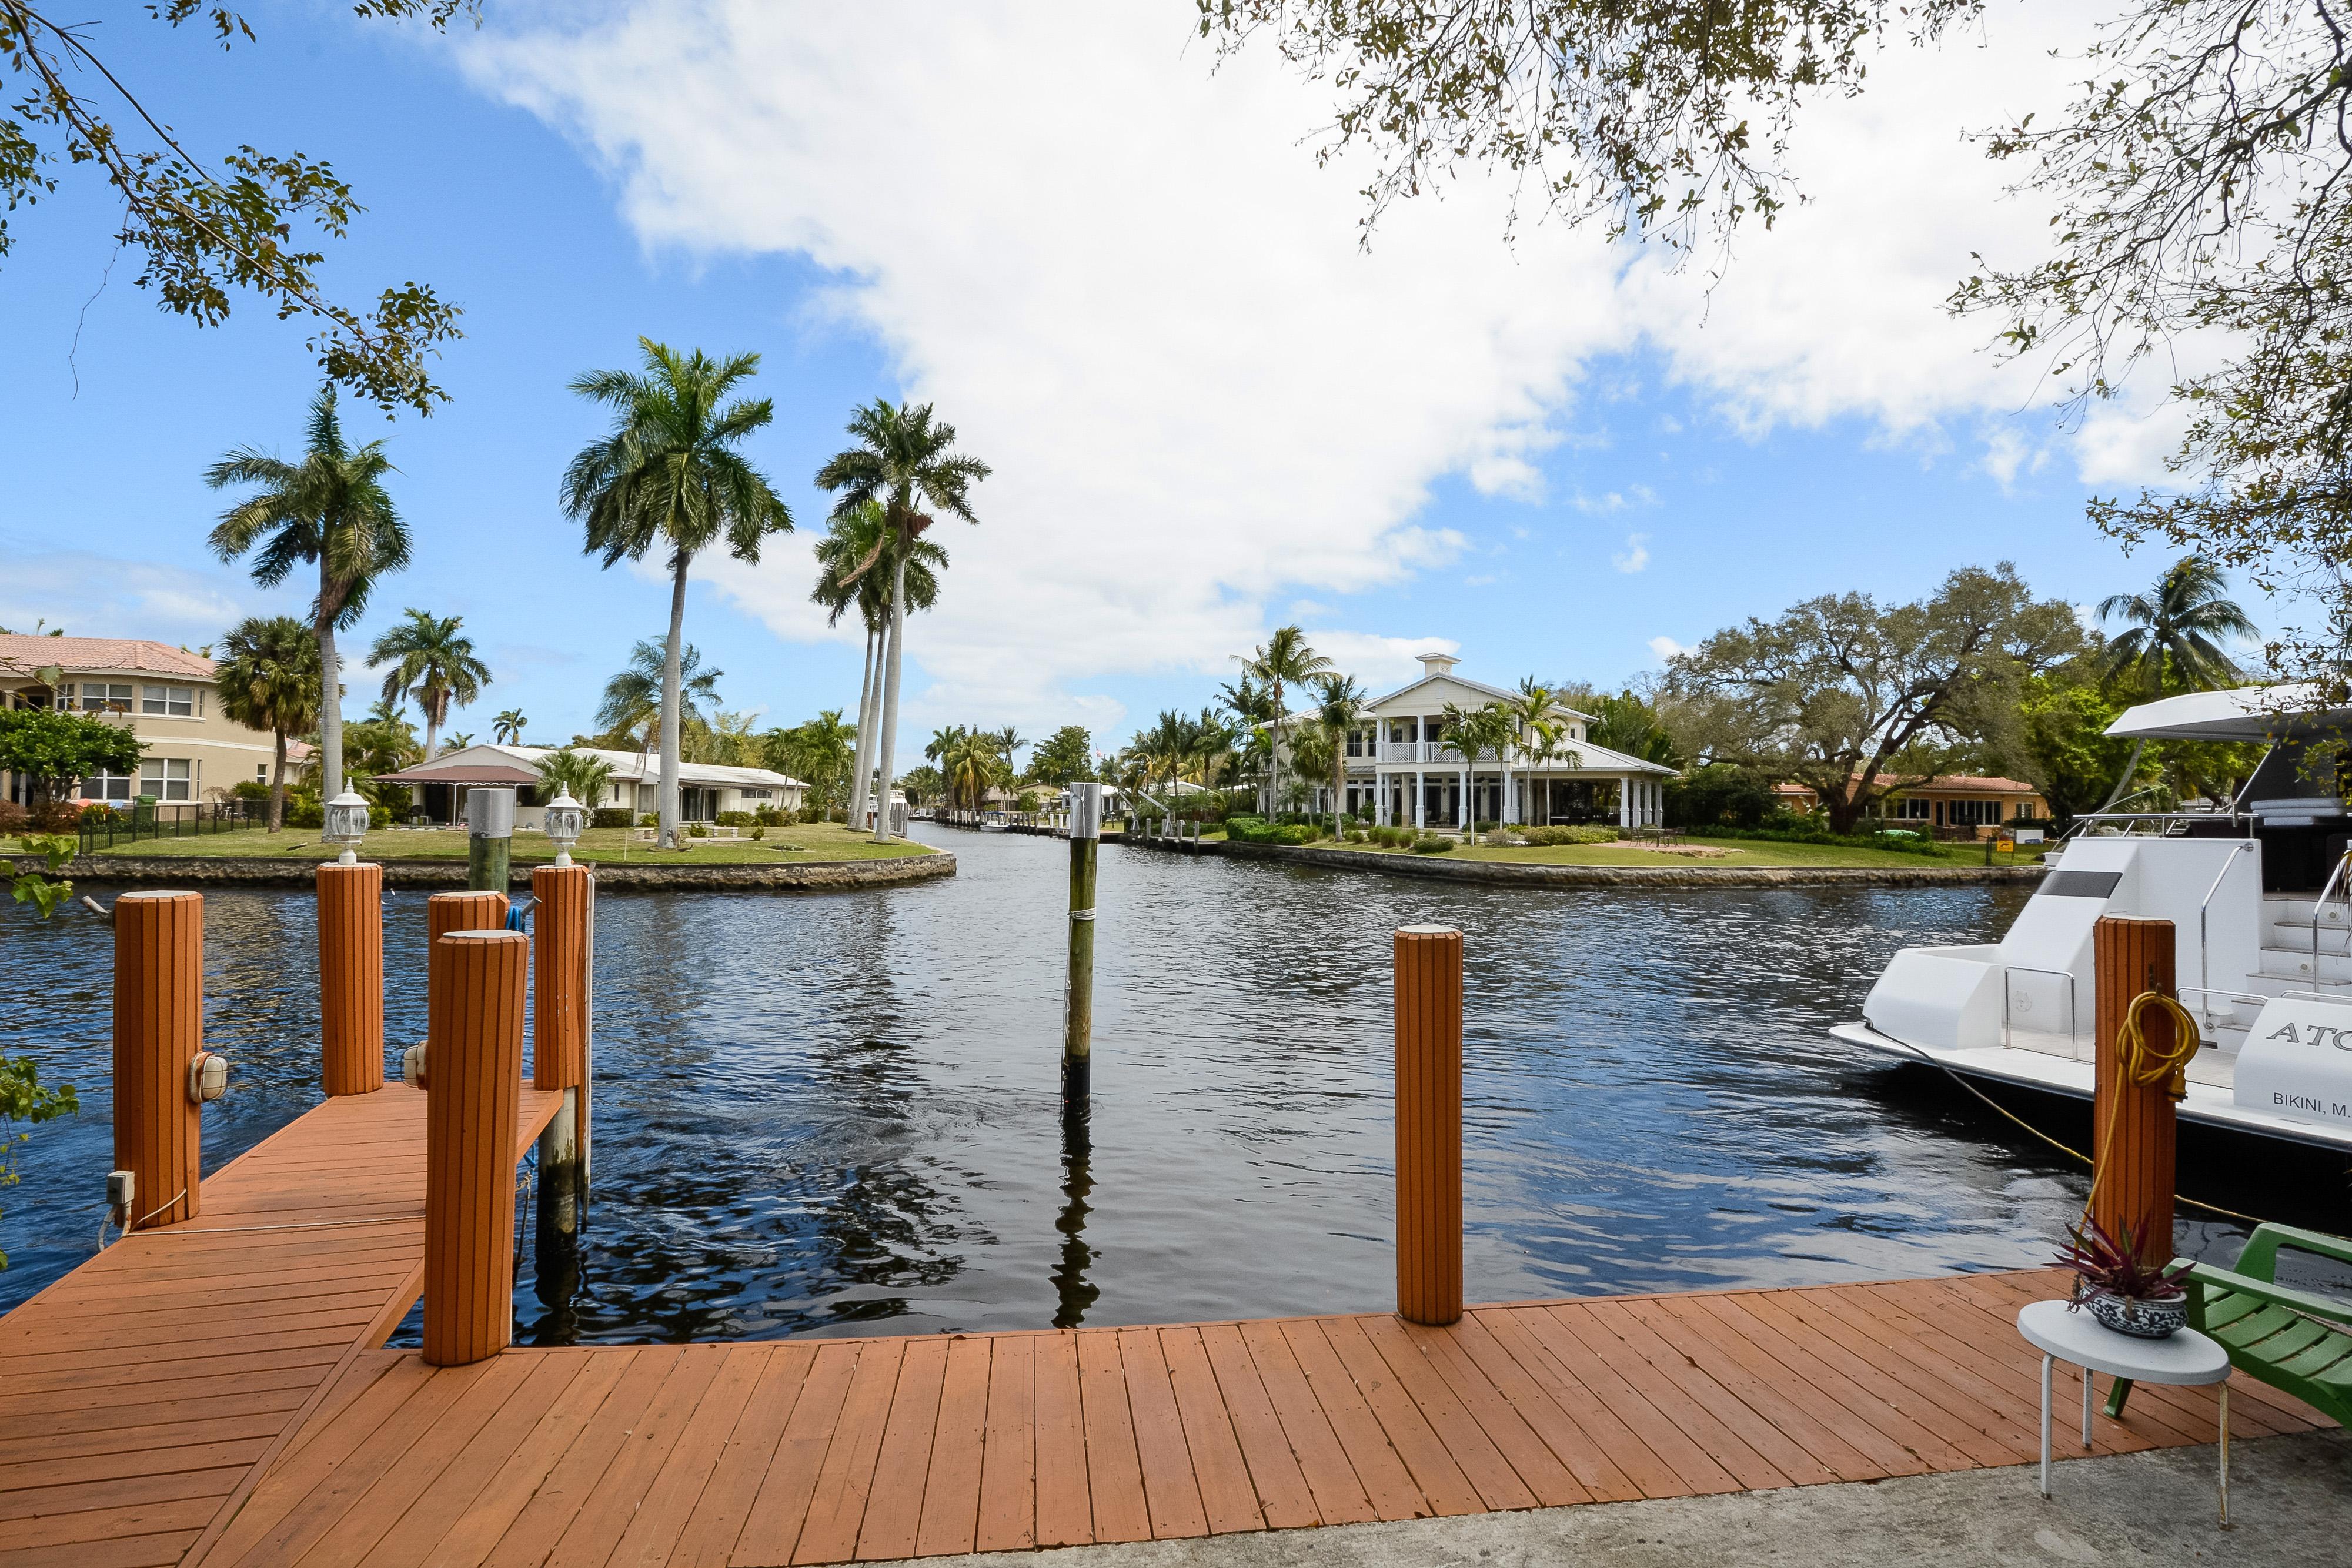 独户住宅 为 销售 在 1430 SW 13 CT. 1430 Sw 13th Ct 劳德代尔堡, 佛罗里达州, 33312 美国